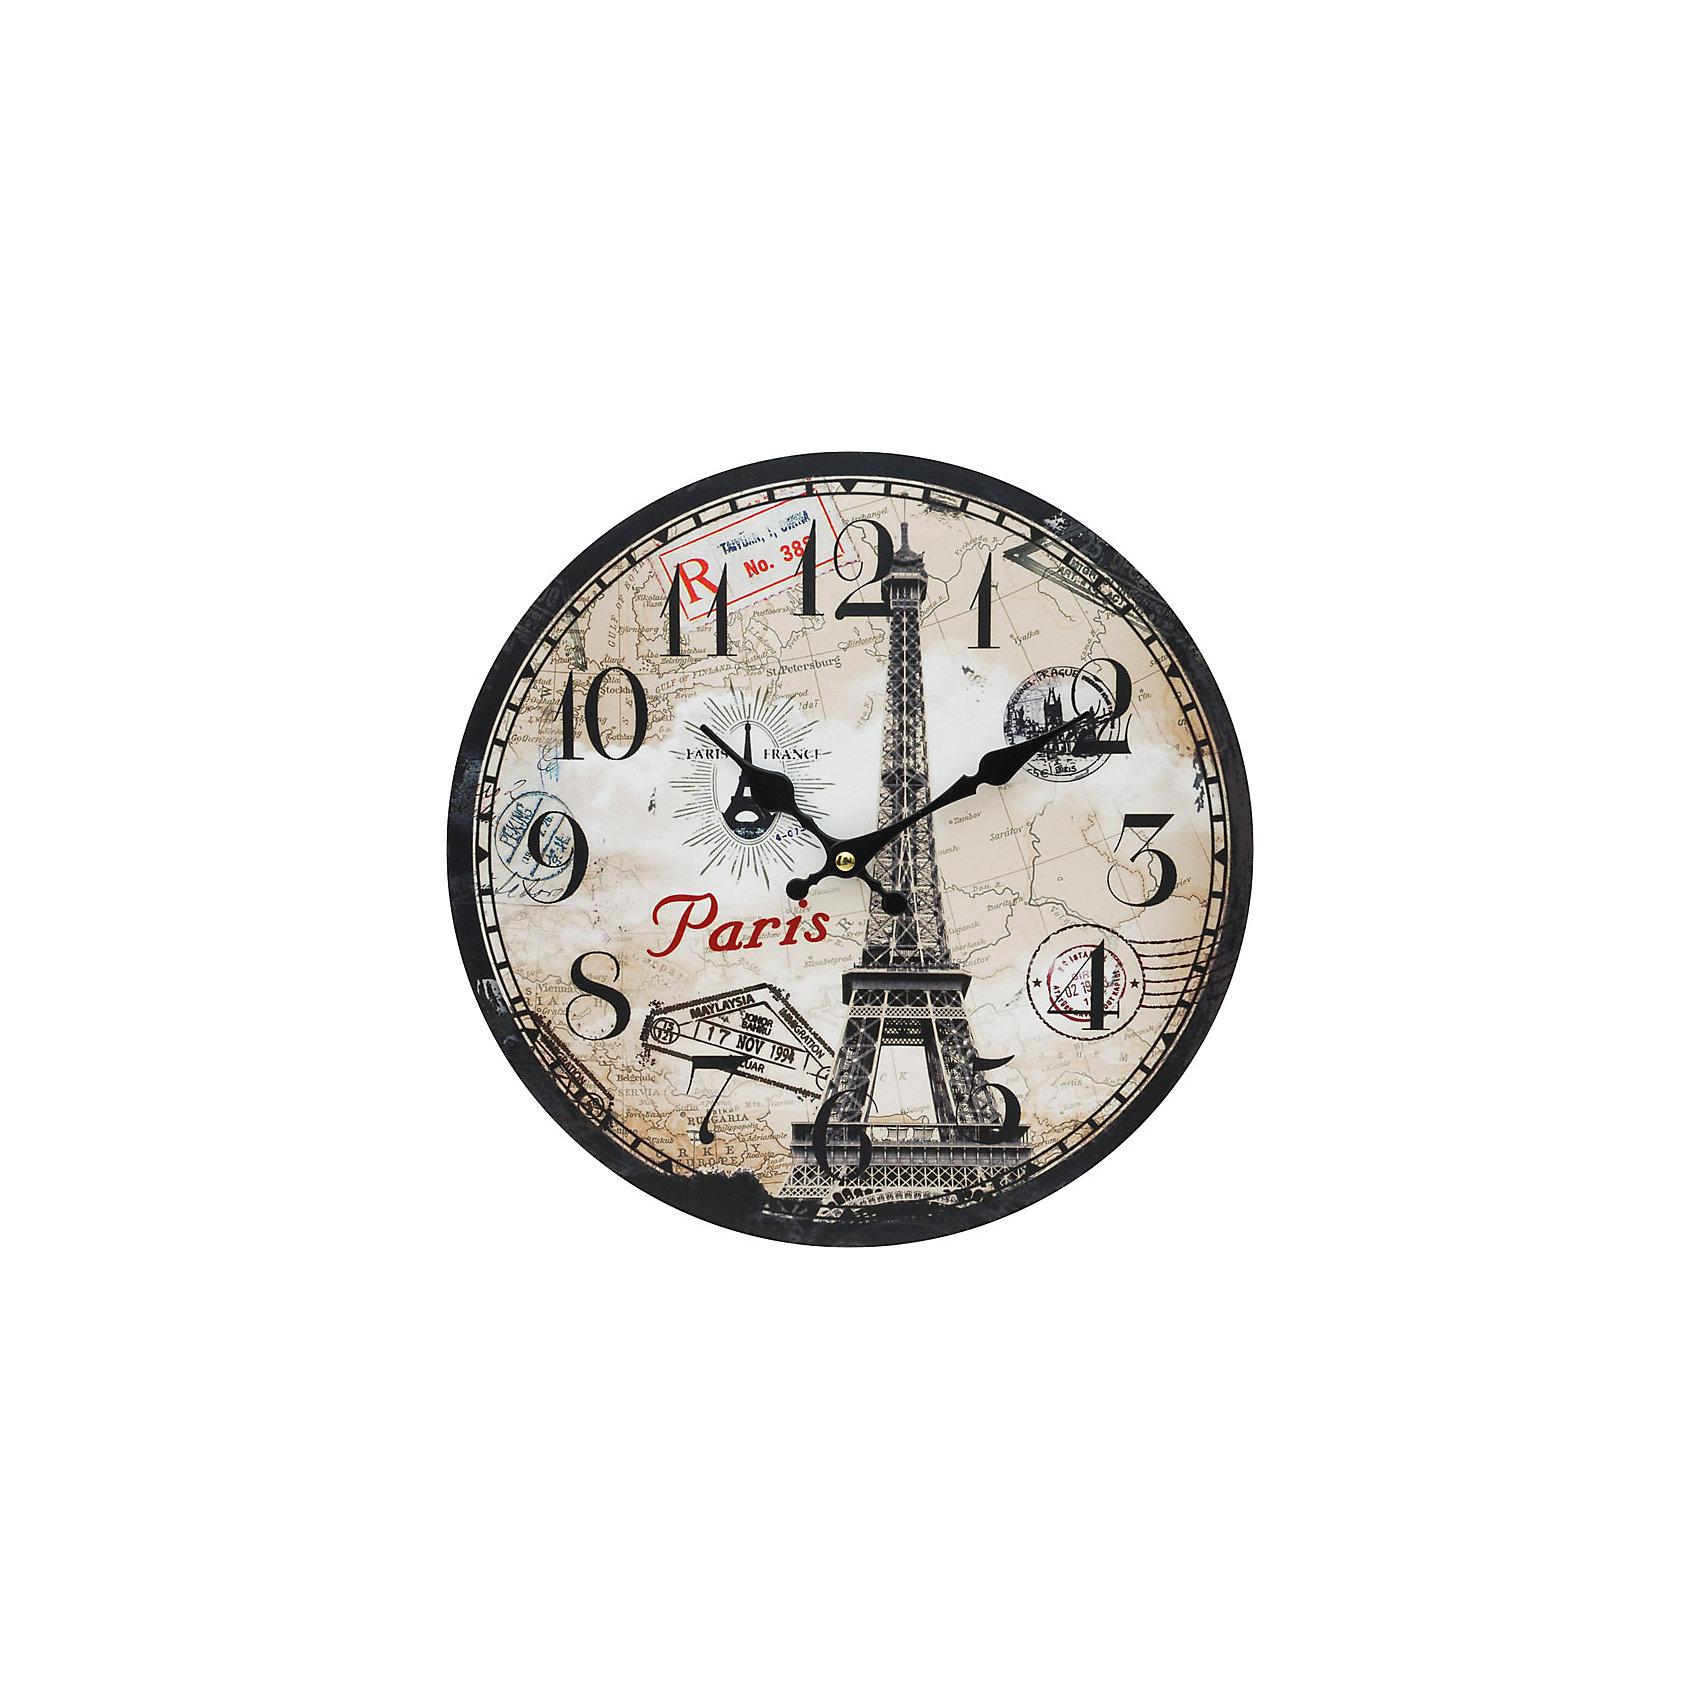 Часы настенные Эйфелева башня, диаметр 34 смЧасы настенные Эйфелева башня, диаметр 34 см.<br><br>Характеристики:<br><br>- Диаметр: 34 см.<br>- Две стрелки часовая и минутная<br>- Батарейка: 1 типа АА (в комплект не входит)<br>- Упаковка картонная коробка<br><br>Кварцевые настенные часы с механизмом плавного хода помимо своего прямого назначения – показывать точное время – станут важным элементом декора Вашего дома, квартиры или офиса. Открытый циферблат часов выполнен из листа оргалита с декоративным покрытием, оформлен изображением Эйфелевой башни. Часовая и минутная стрелки металлические. Часовой механизм закрыт пластиковым корпусом. Часы будут стильным акцентом в интерьере и создадут дополнительный уют и хорошее настроение.<br><br>Часы настенные Эйфелева башня, диаметр 34 см можно купить в нашем интернет-магазине.<br><br>Ширина мм: 345<br>Глубина мм: 340<br>Высота мм: 45<br>Вес г: 2500<br>Возраст от месяцев: 72<br>Возраст до месяцев: 144<br>Пол: Унисекс<br>Возраст: Детский<br>SKU: 5089842